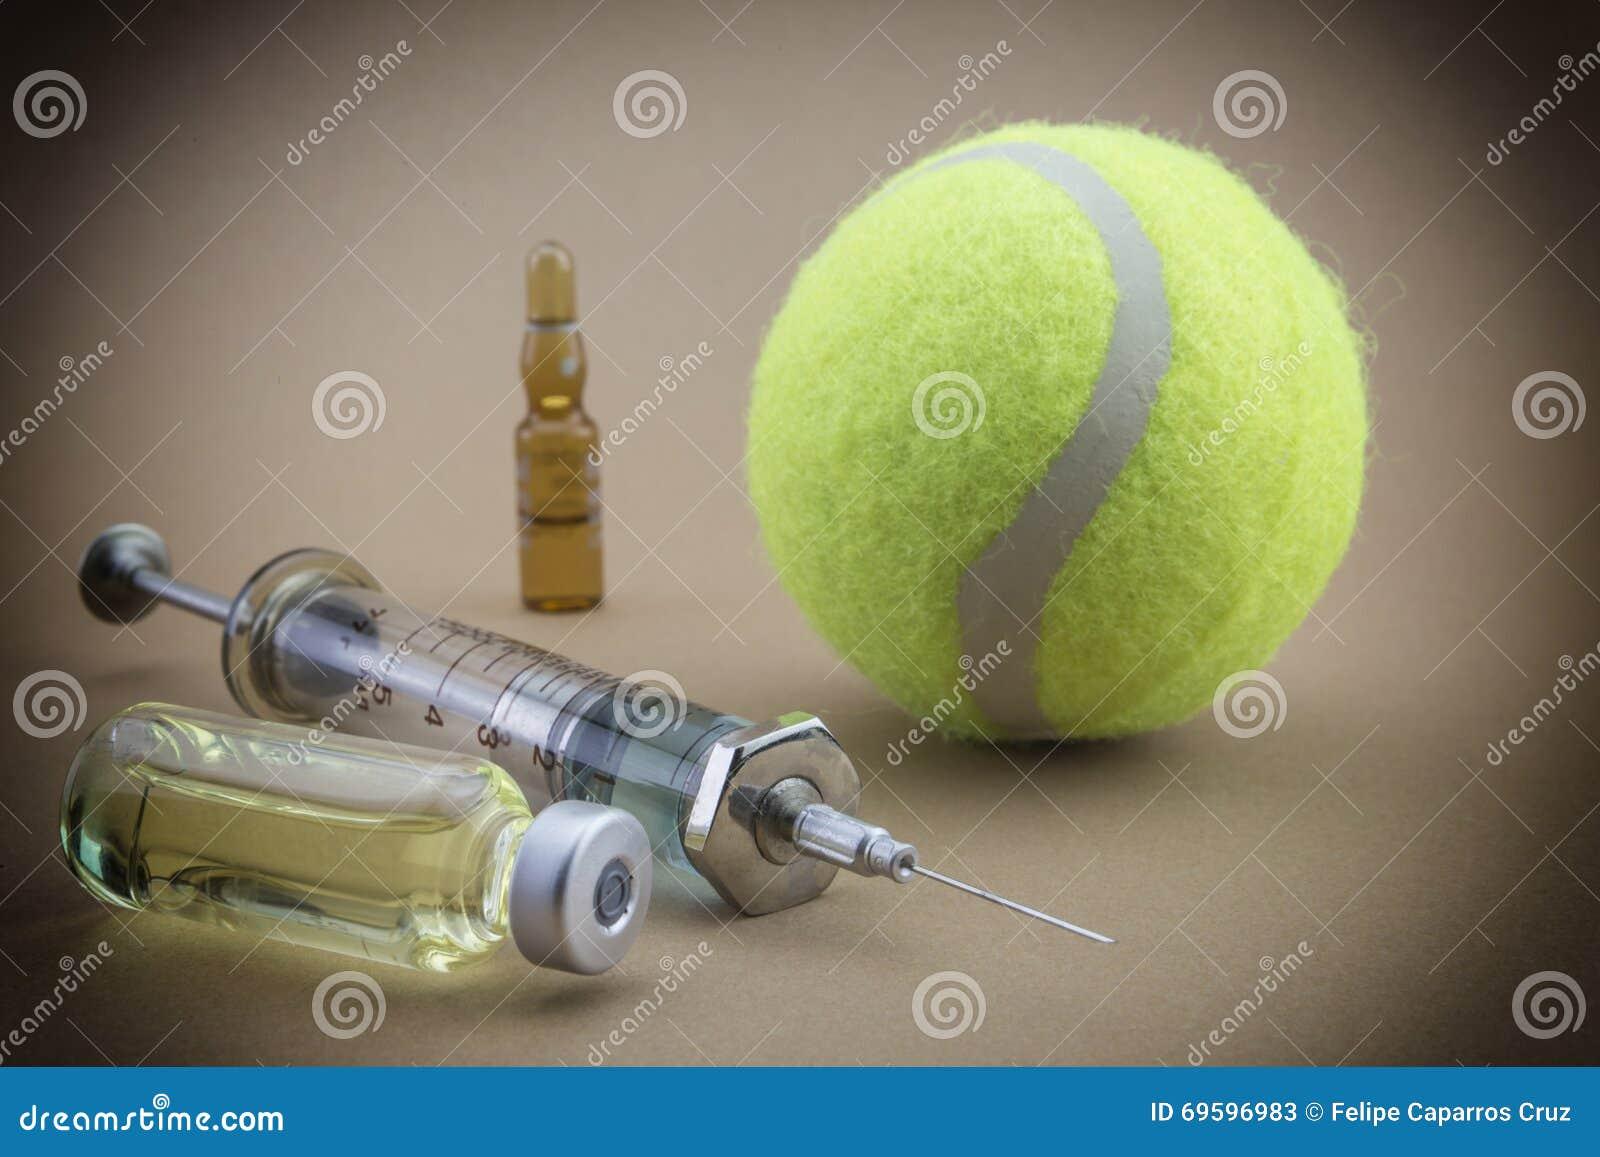 Prove per ricerca di urina con una palla di tennis